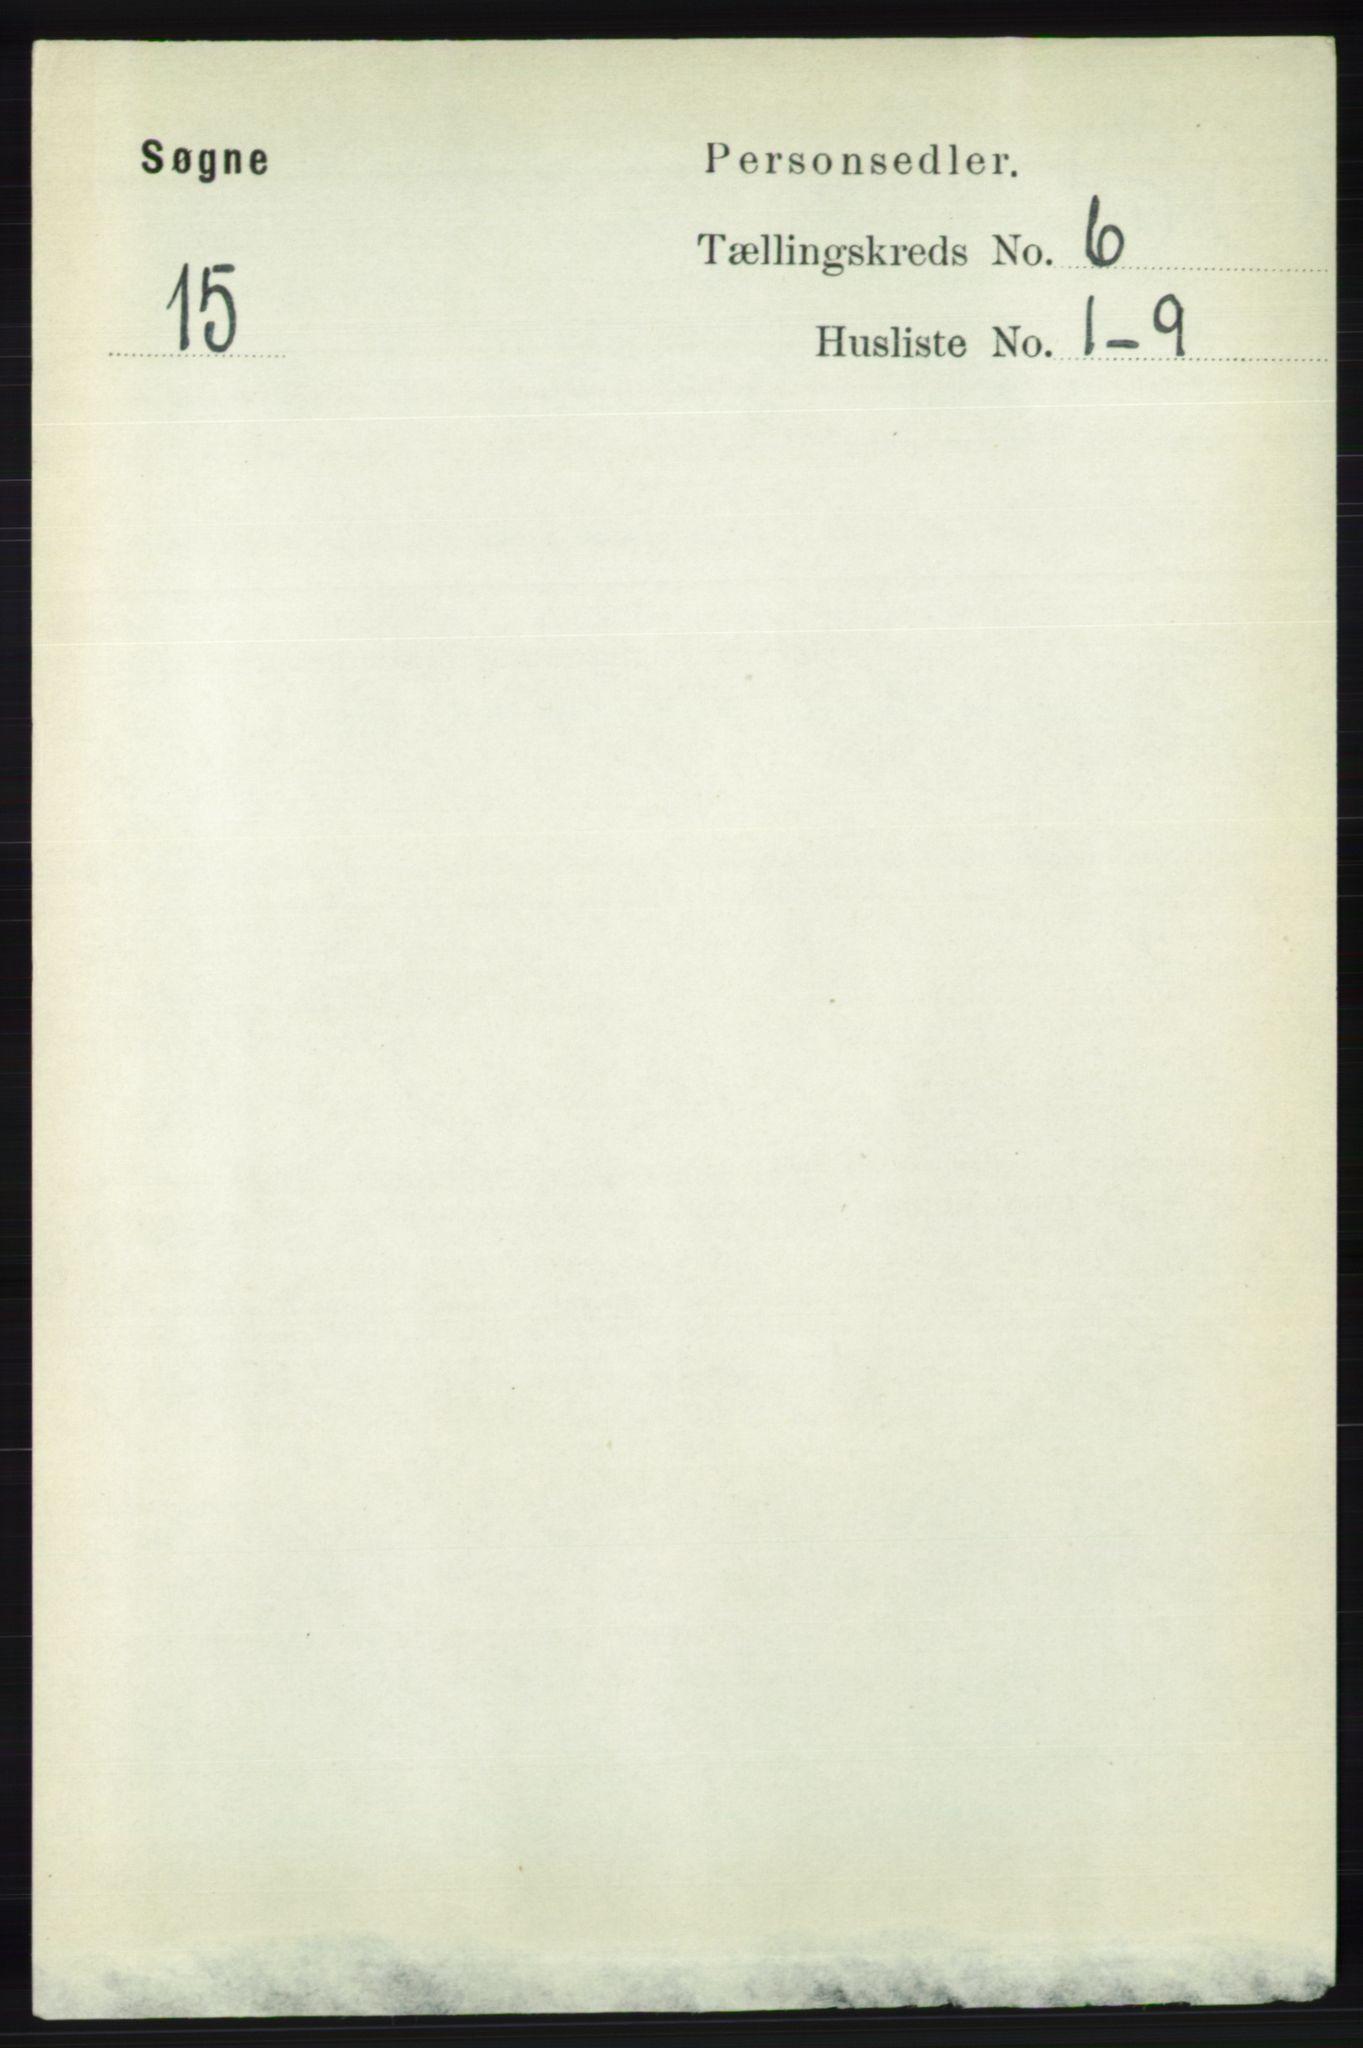 RA, Folketelling 1891 for 1018 Søgne herred, 1891, s. 1366